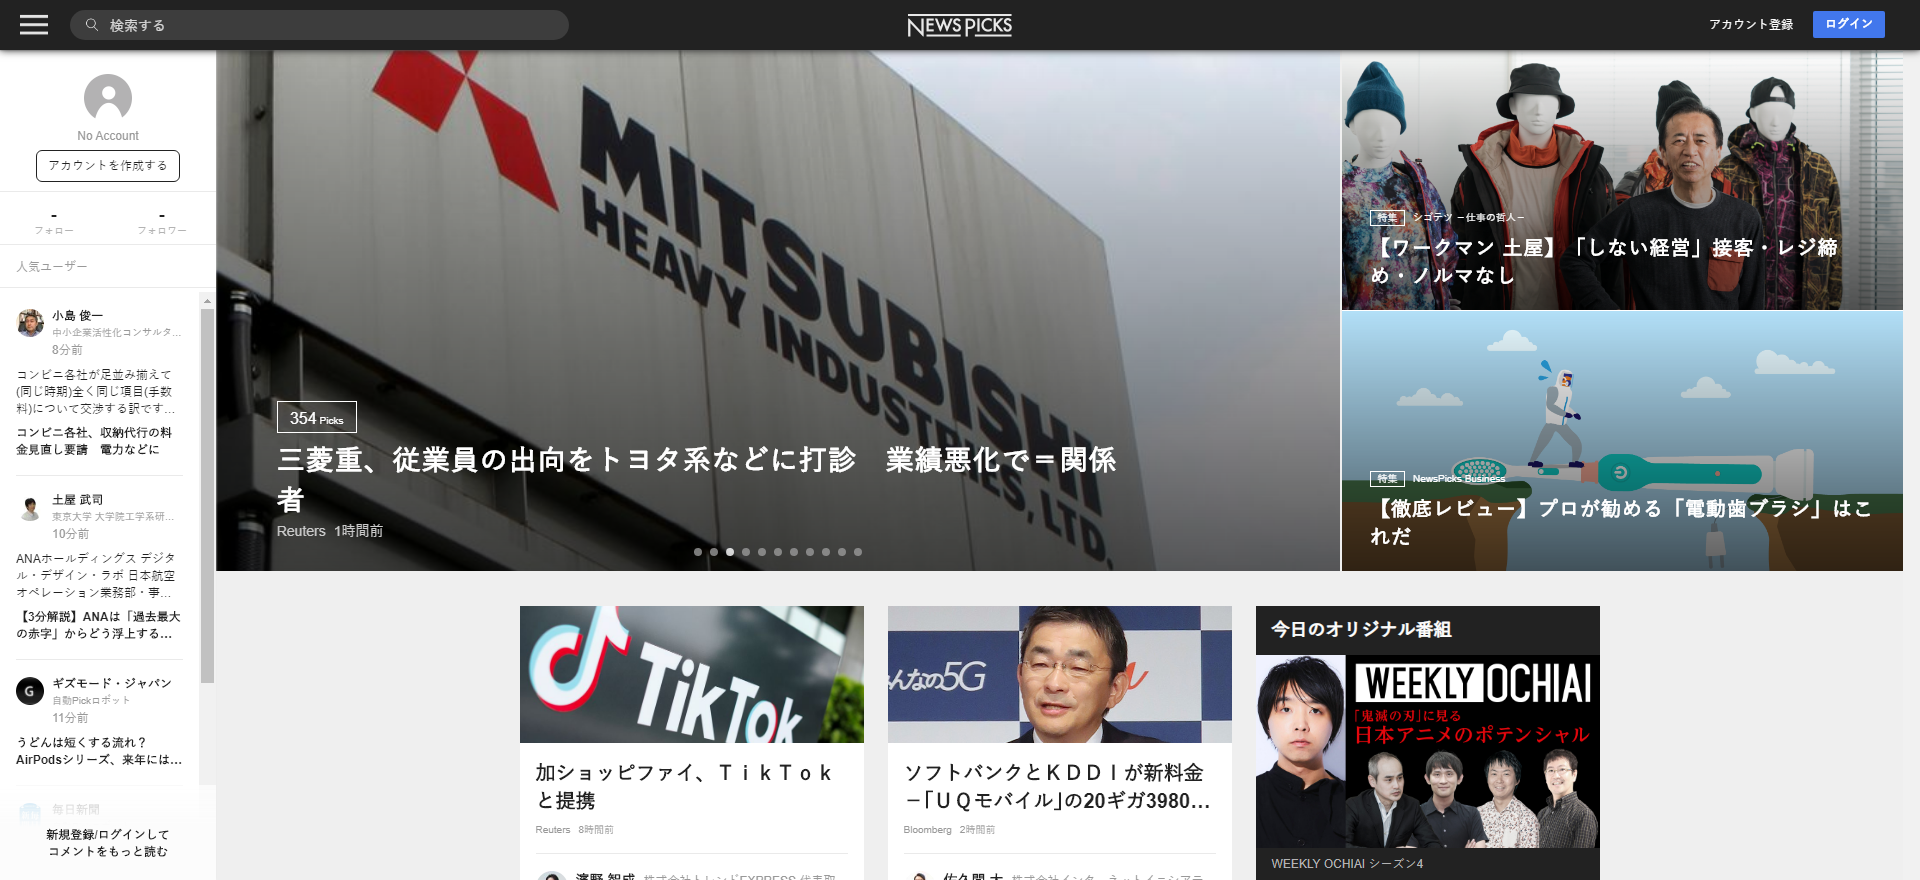 NewsPicks - 経済を、もっとおもしろく。